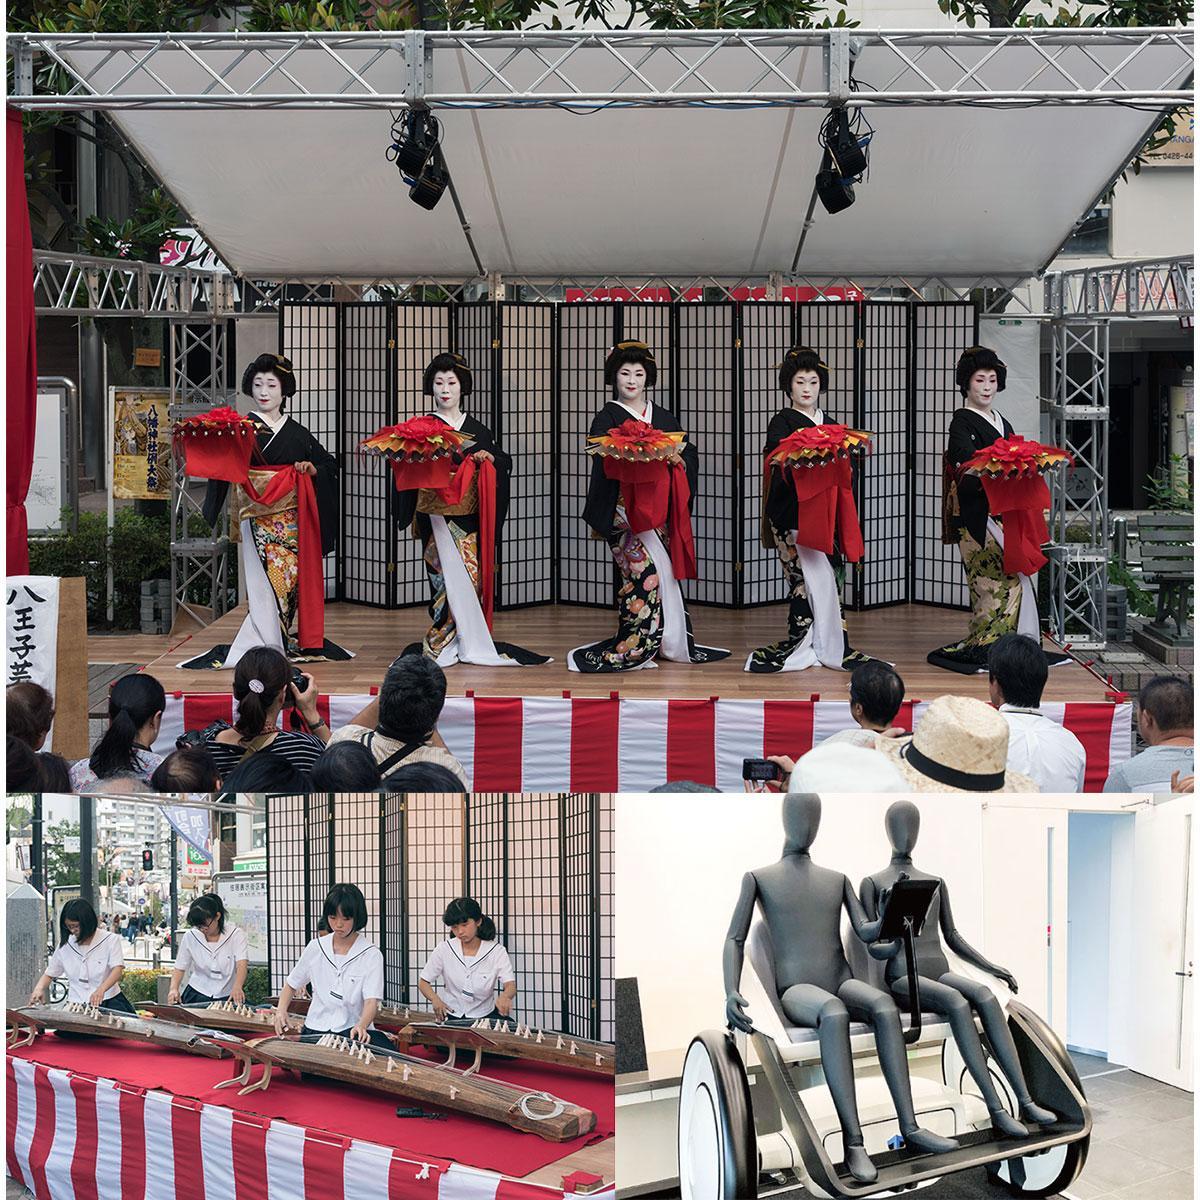 八王子芸妓衆による演舞の披露や「Rickshaw」の展示(写真右下)などさまざま催しが行われる